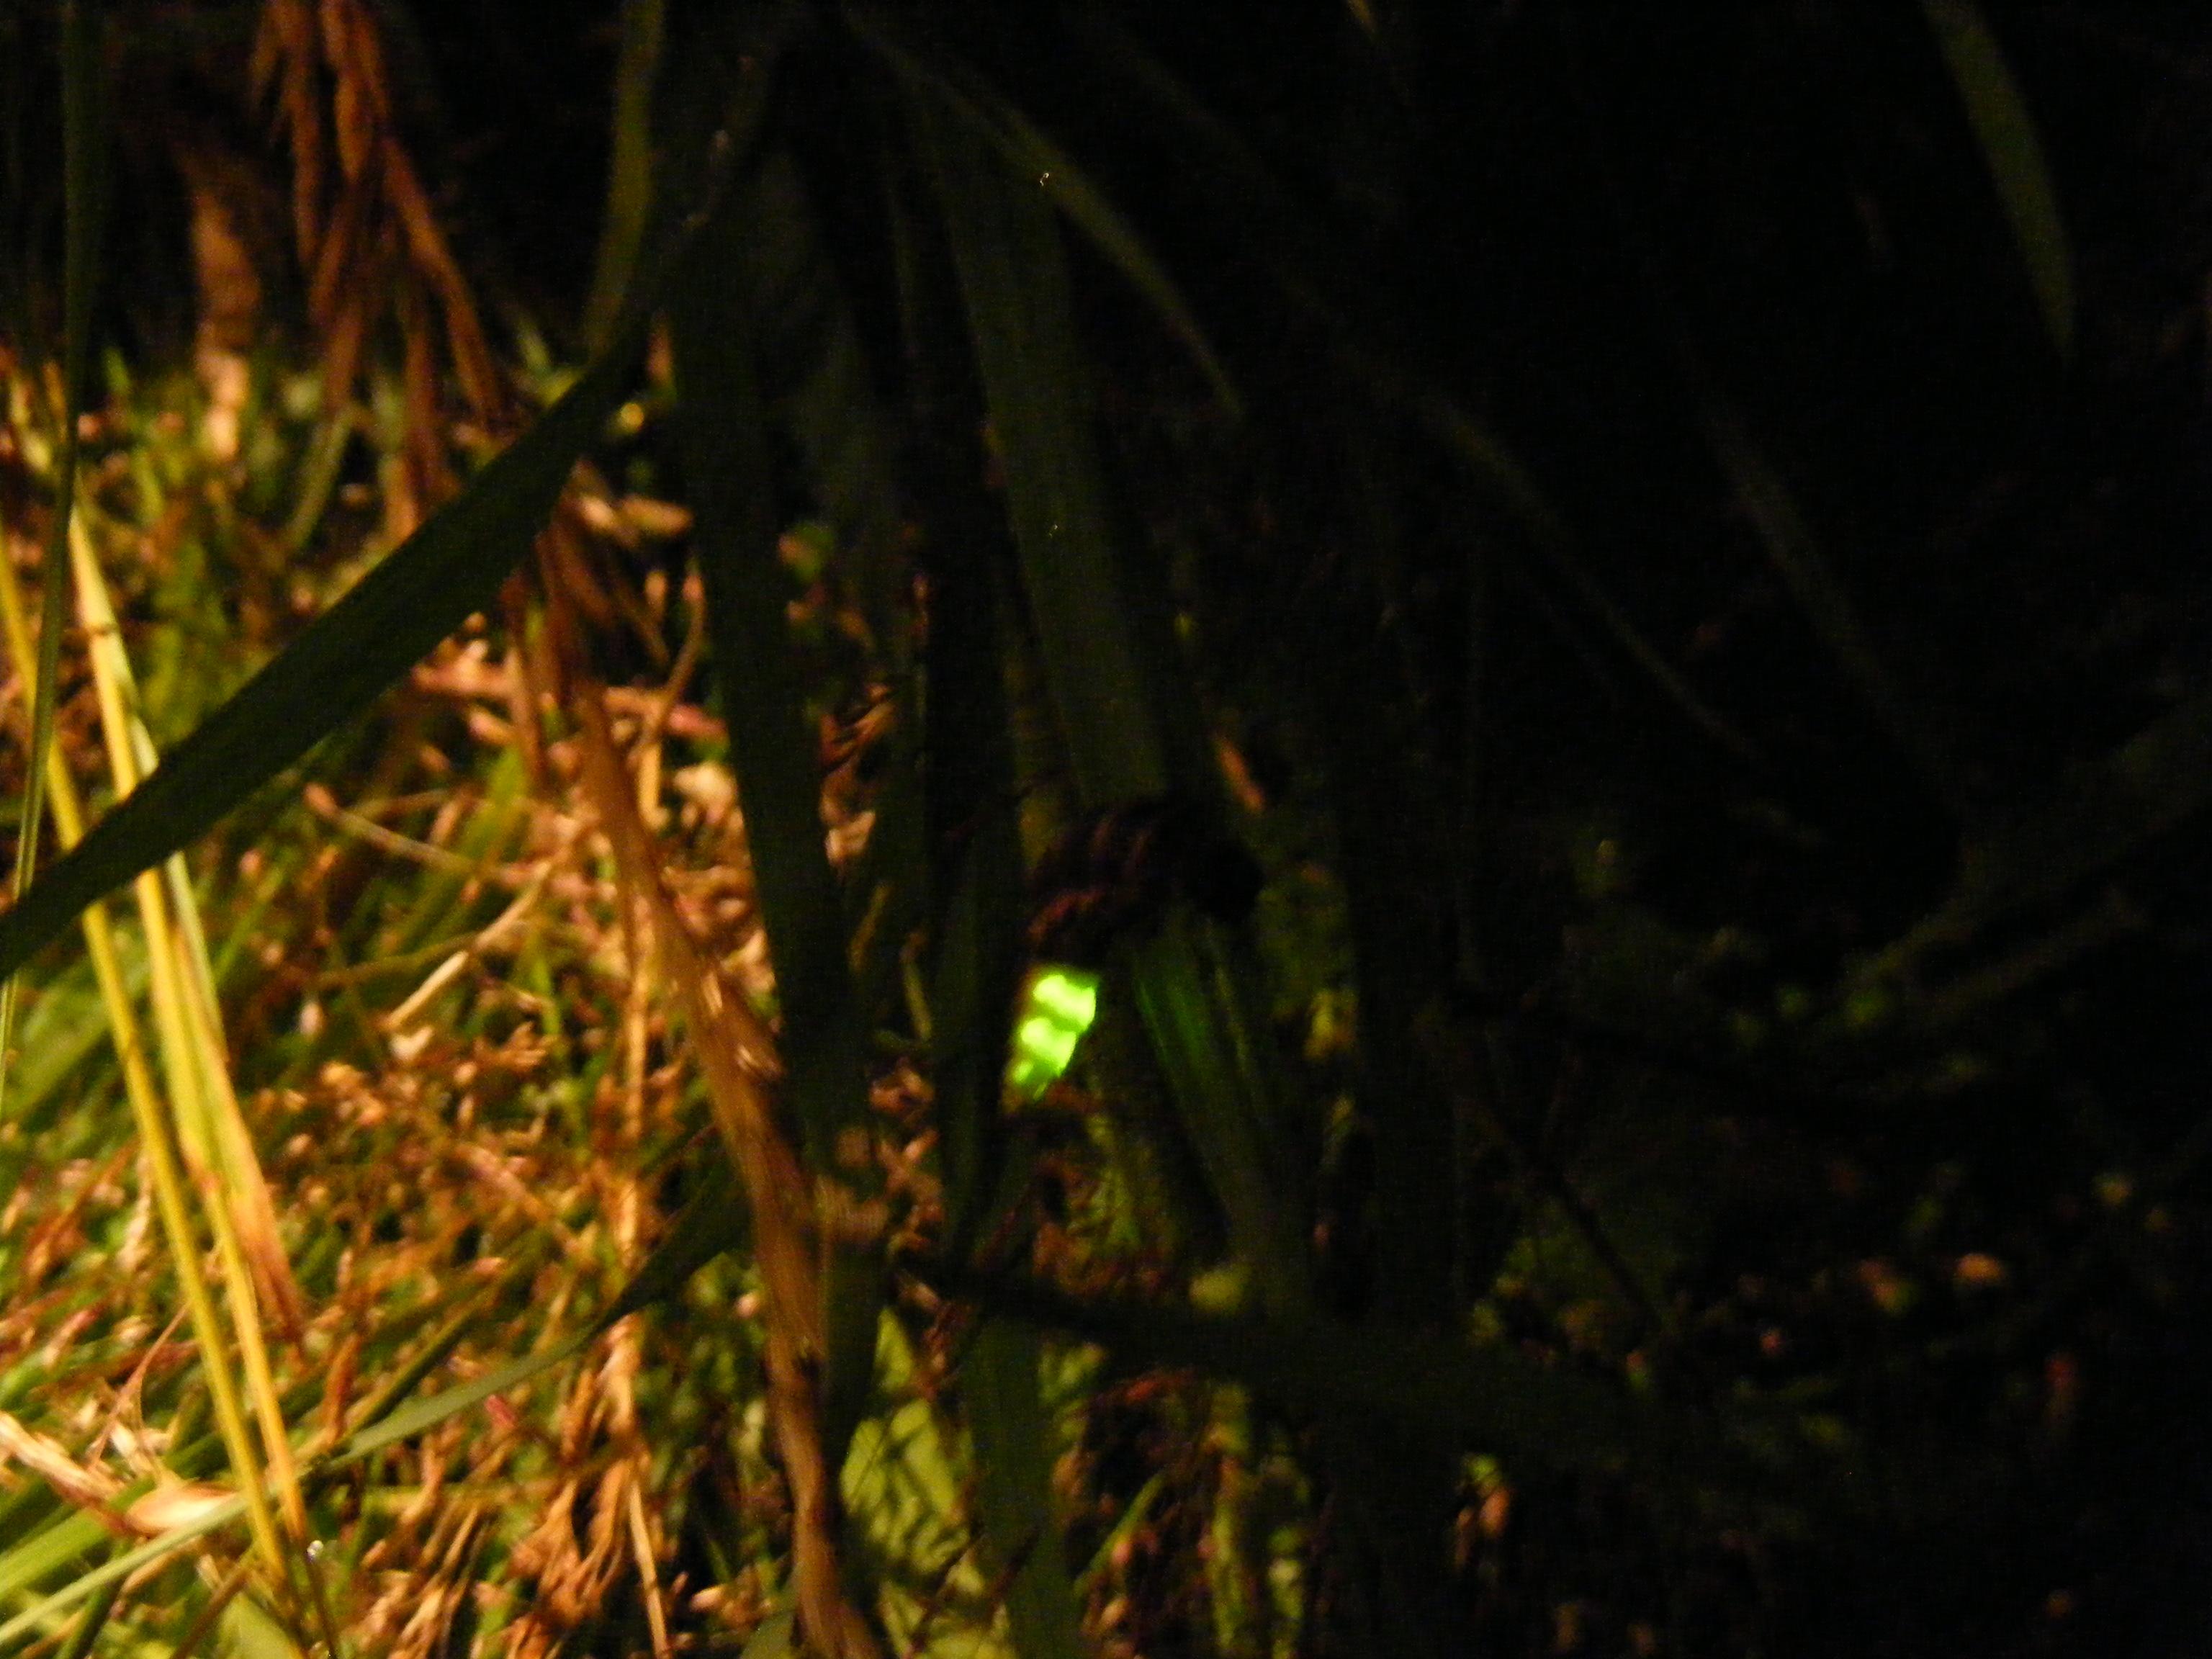 glow-worm-lampyris-noctiluca-15-7-16-anton-lakes-5